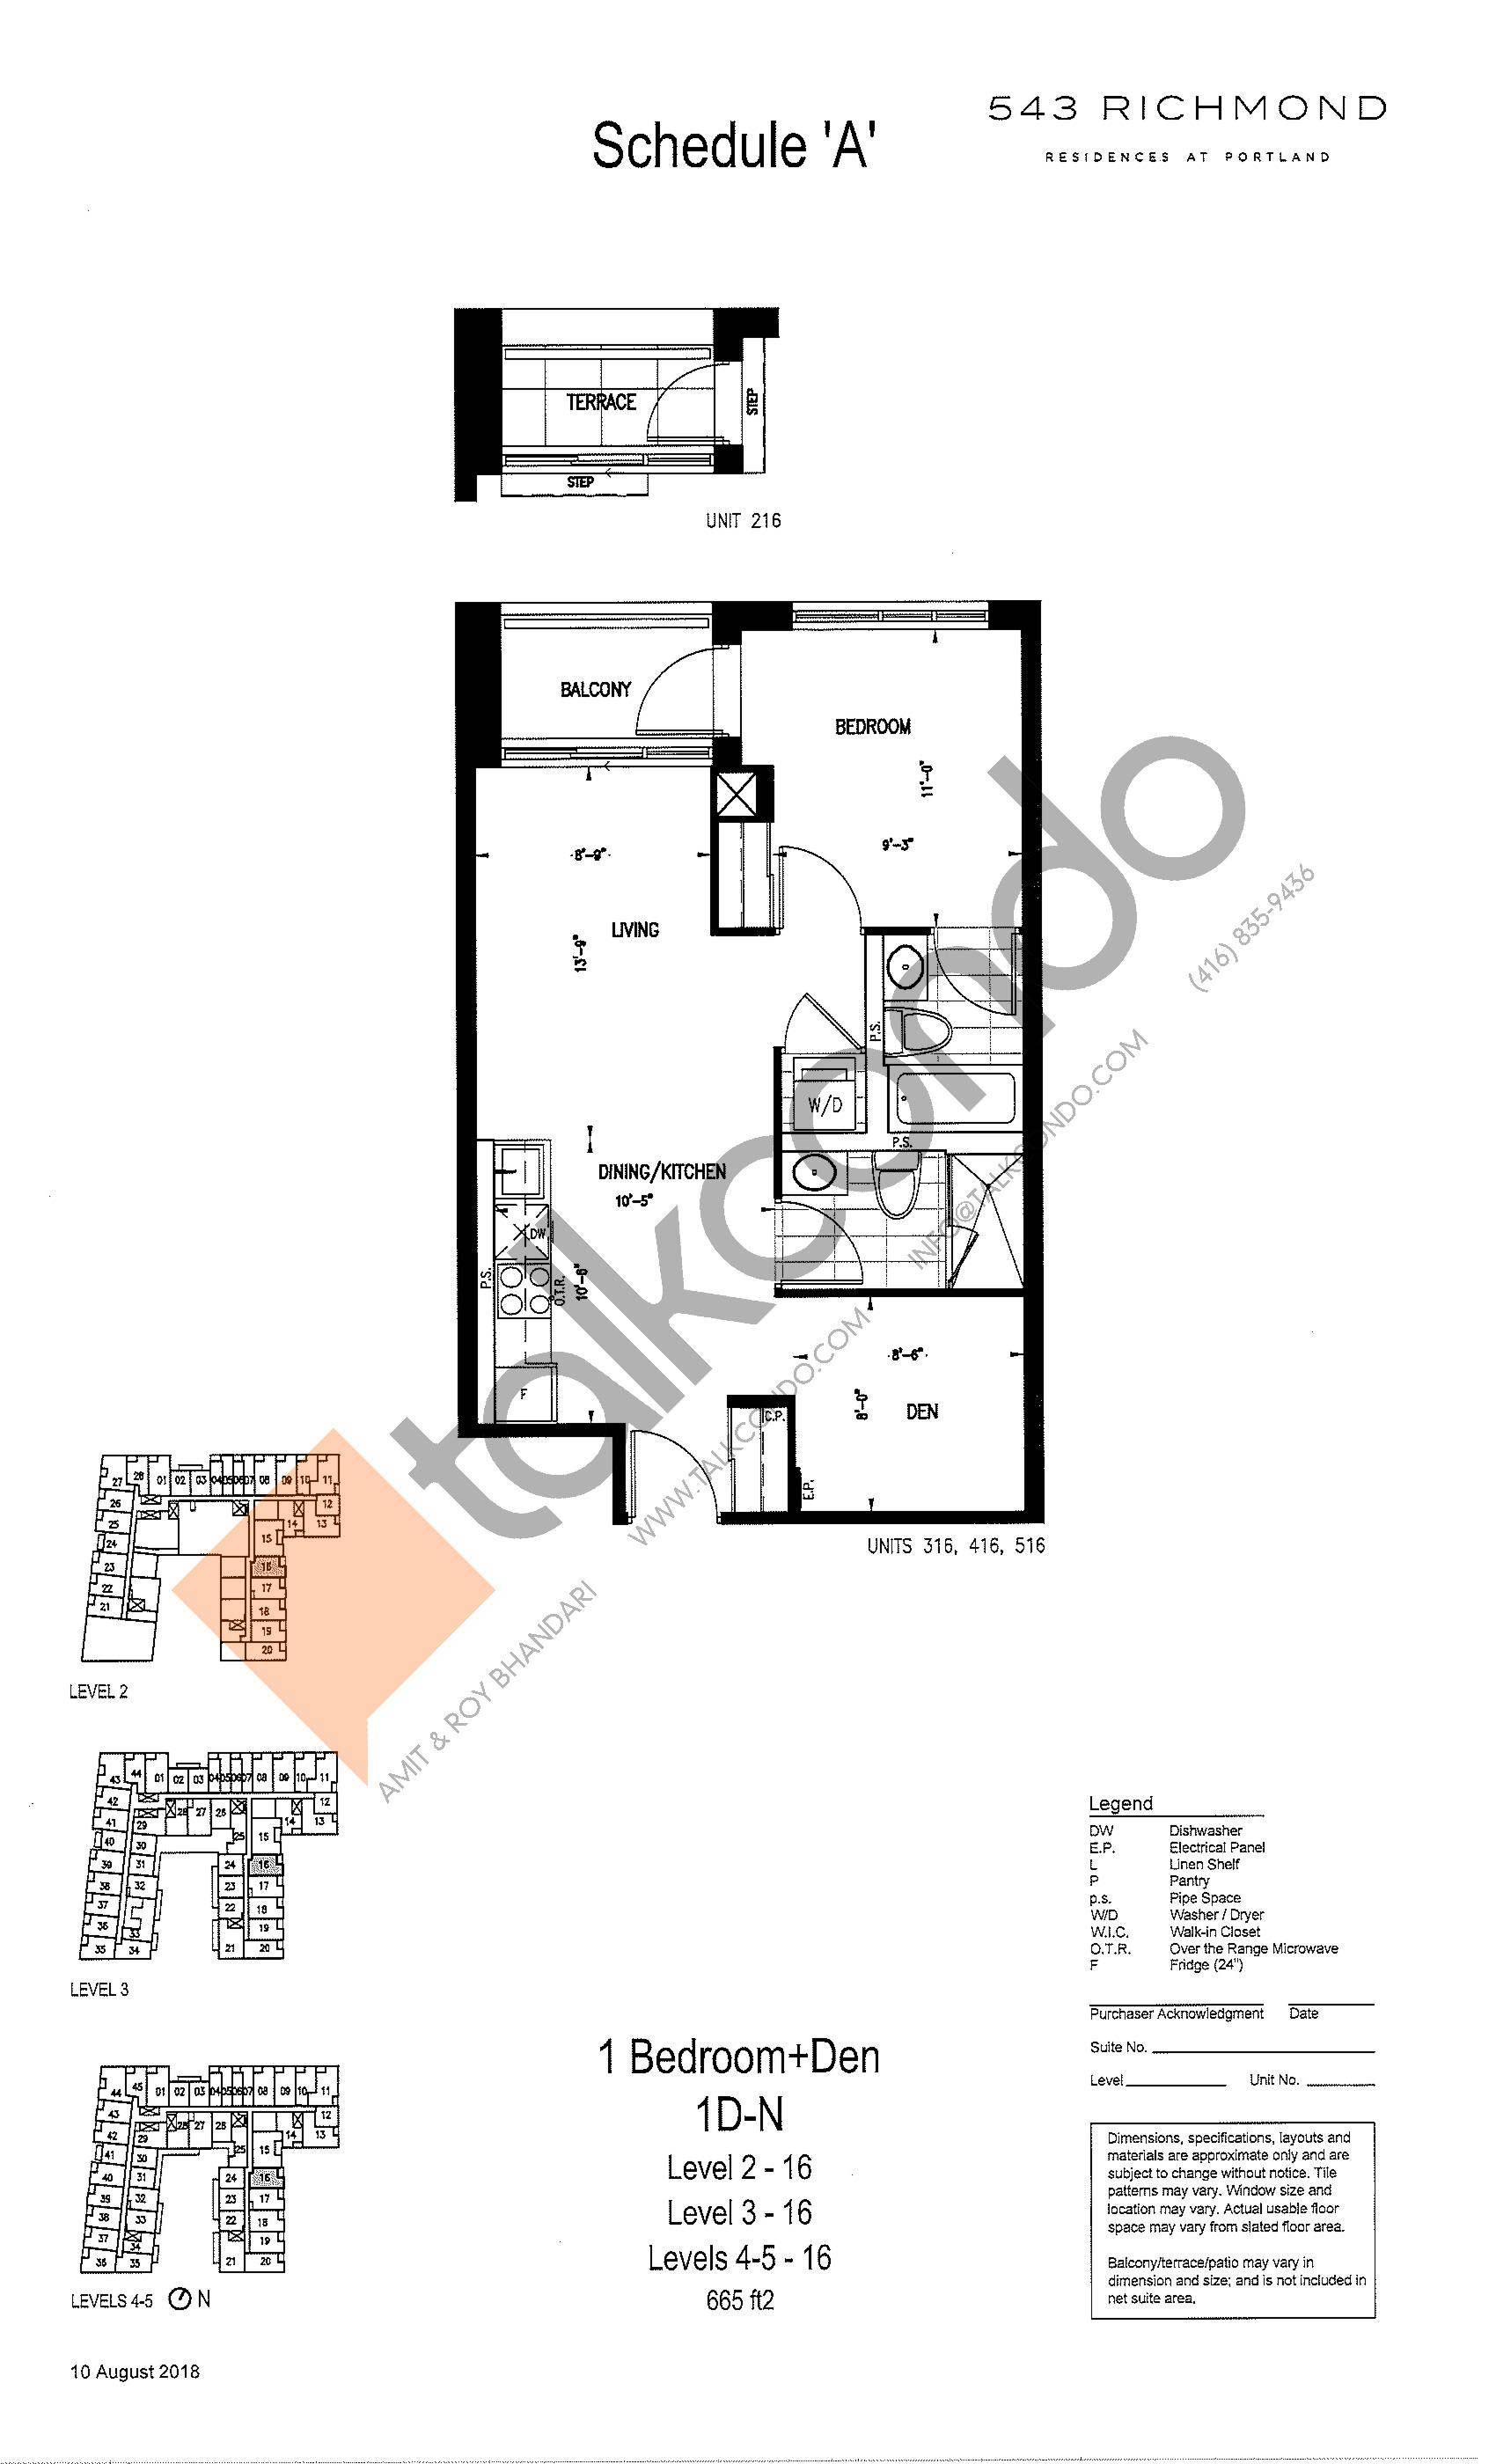 1D-N Floor Plan at 543 Richmond St Condos - 665 sq.ft